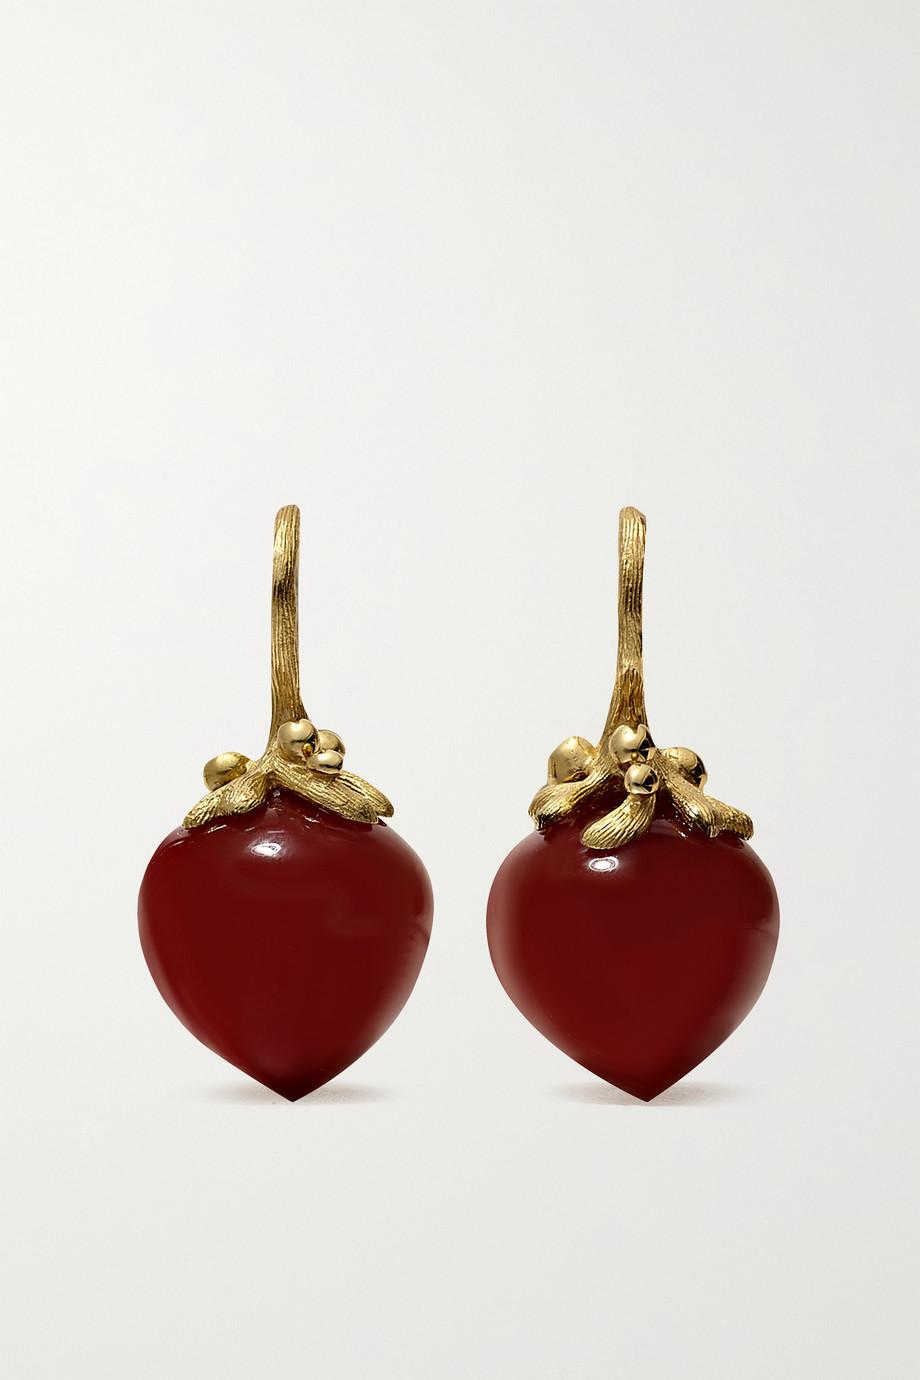 OLE LYNGGAARD COPENHAGEN Boucles d'oreilles en or 18 carats et cornalines Dew Drops Large